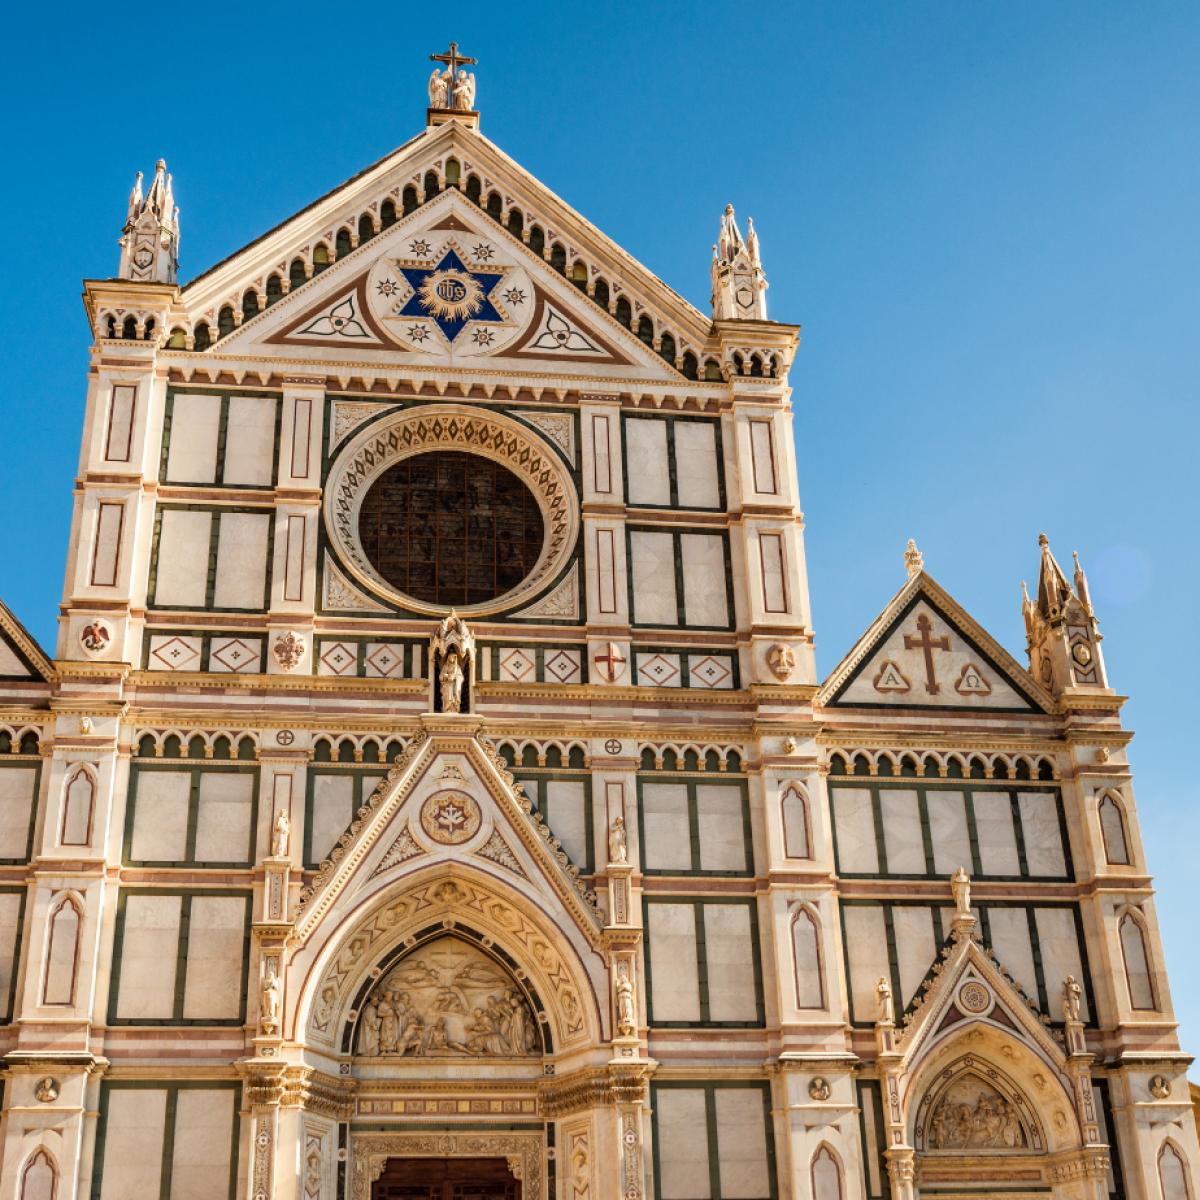 Basilica di Santa Maria, Florence